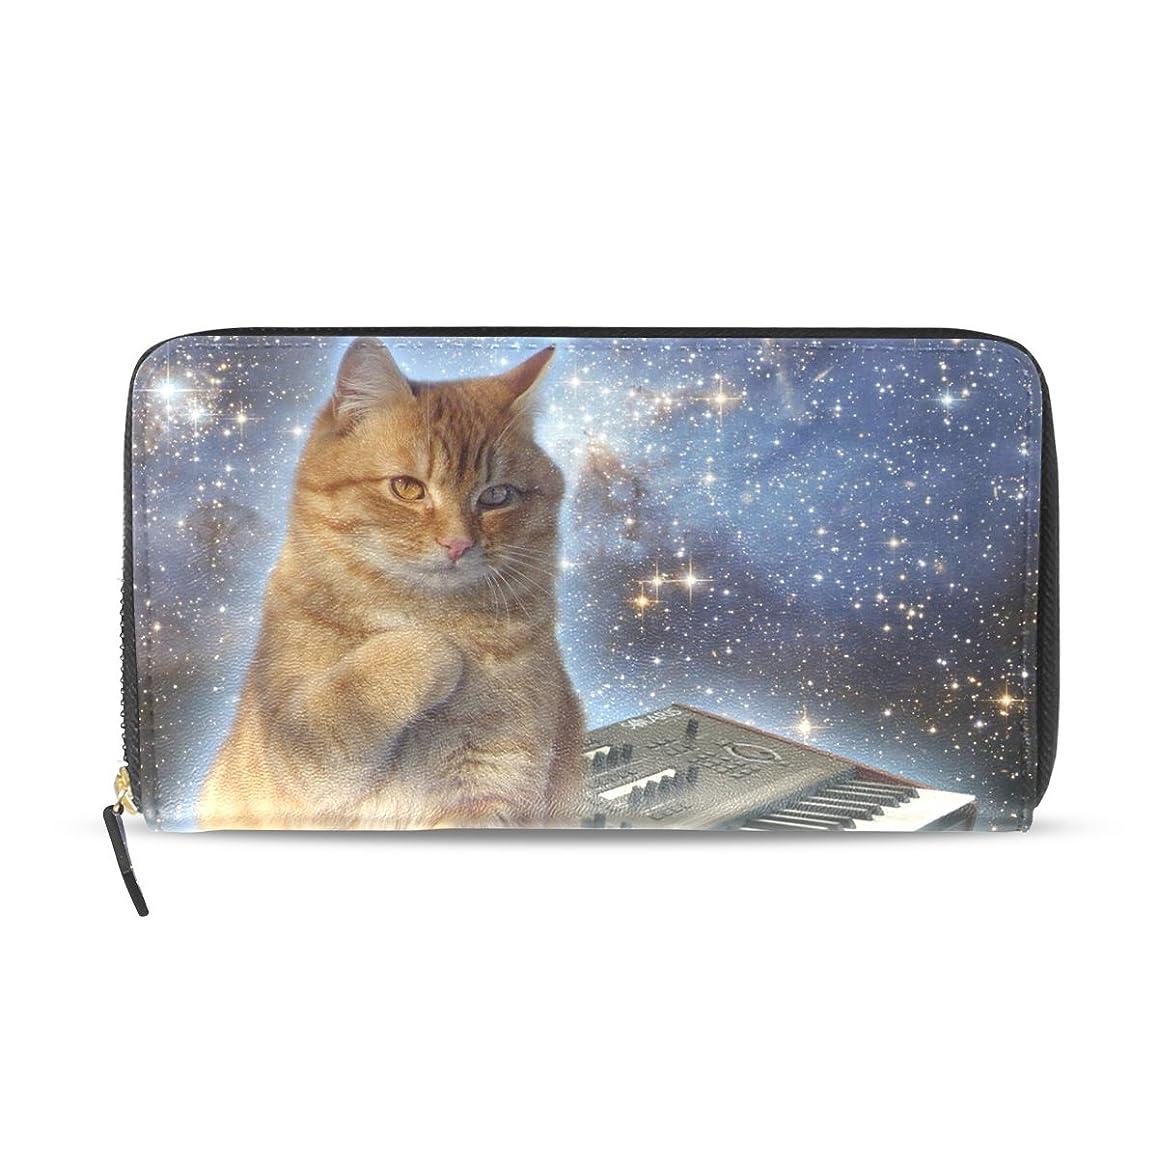 レーニン主義年レーニン主義GORIRA(ゴリラ) 星空 オレンジ 猫のキーボード猫の悩み 長財布 レディース ダブルサイド印刷 ファスナー開閉式 ウォレット